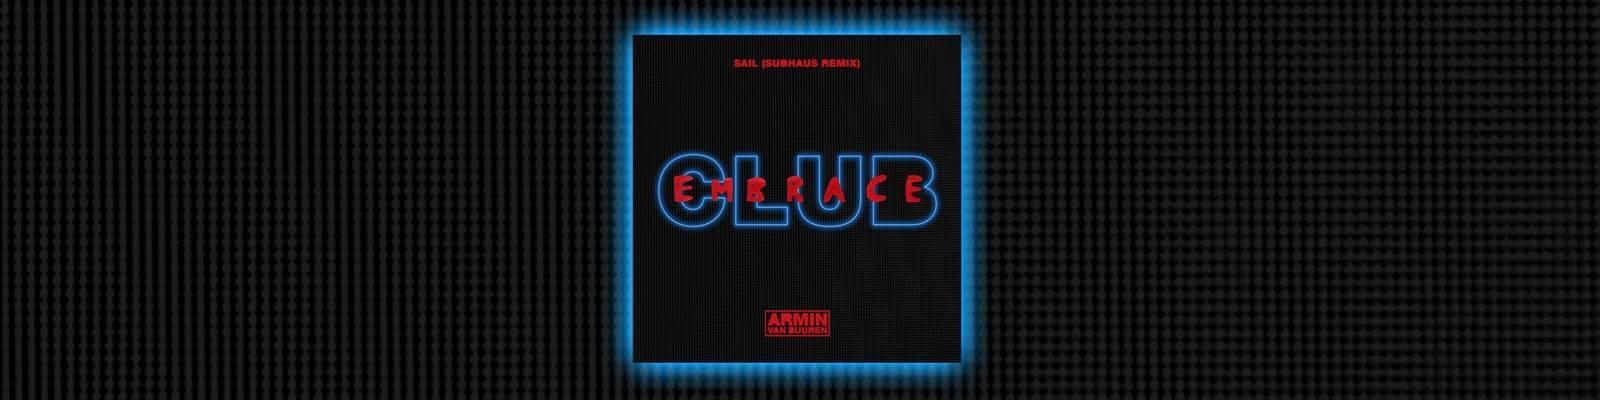 Armin van Buuren – Sail (Sudhaus Remix)